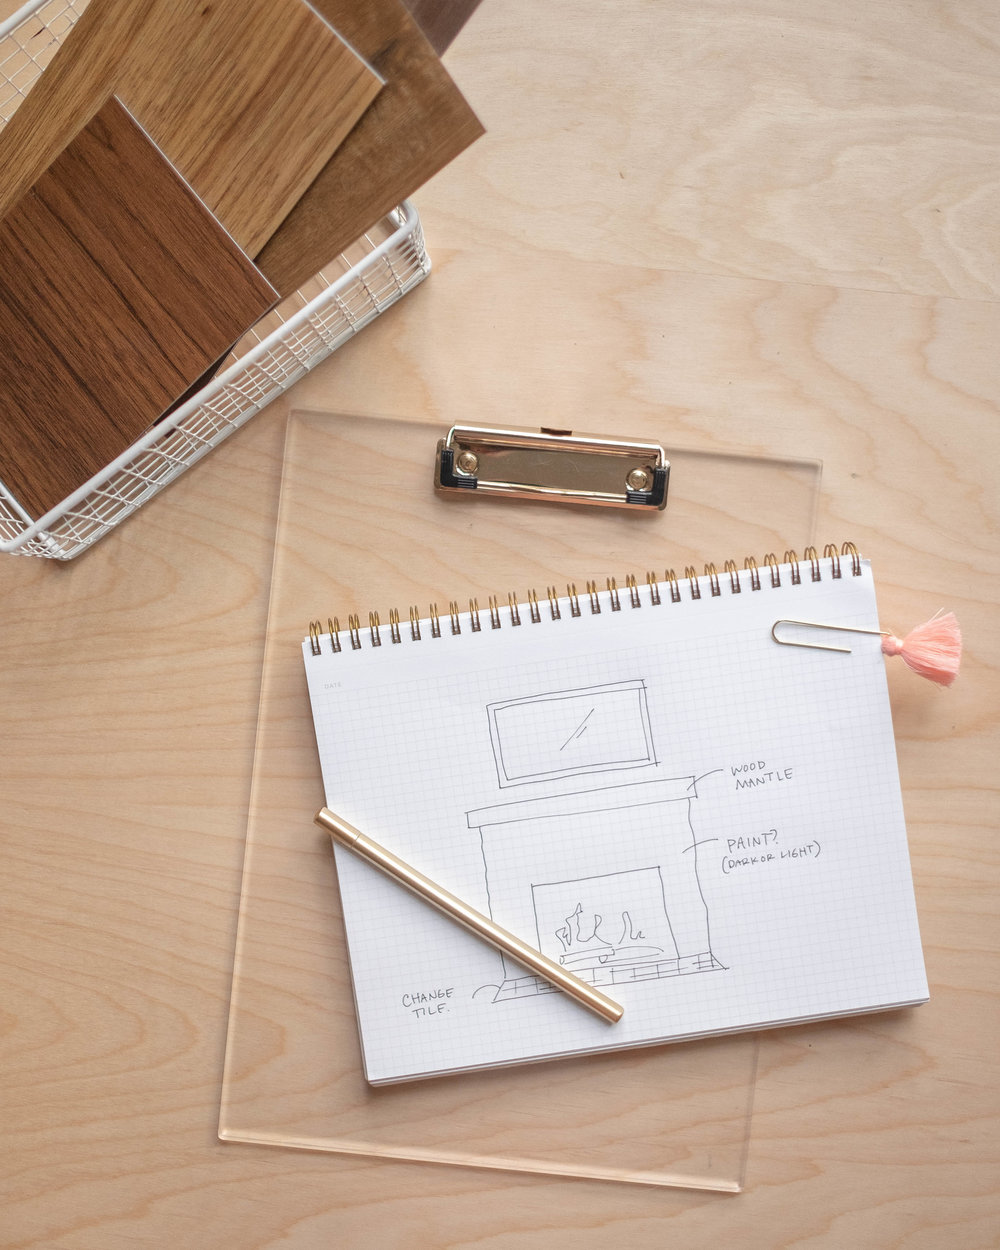 Love-Ding-Design-Ask-Ding-E-Design-Ask-Ding-Package-Austin.jpg